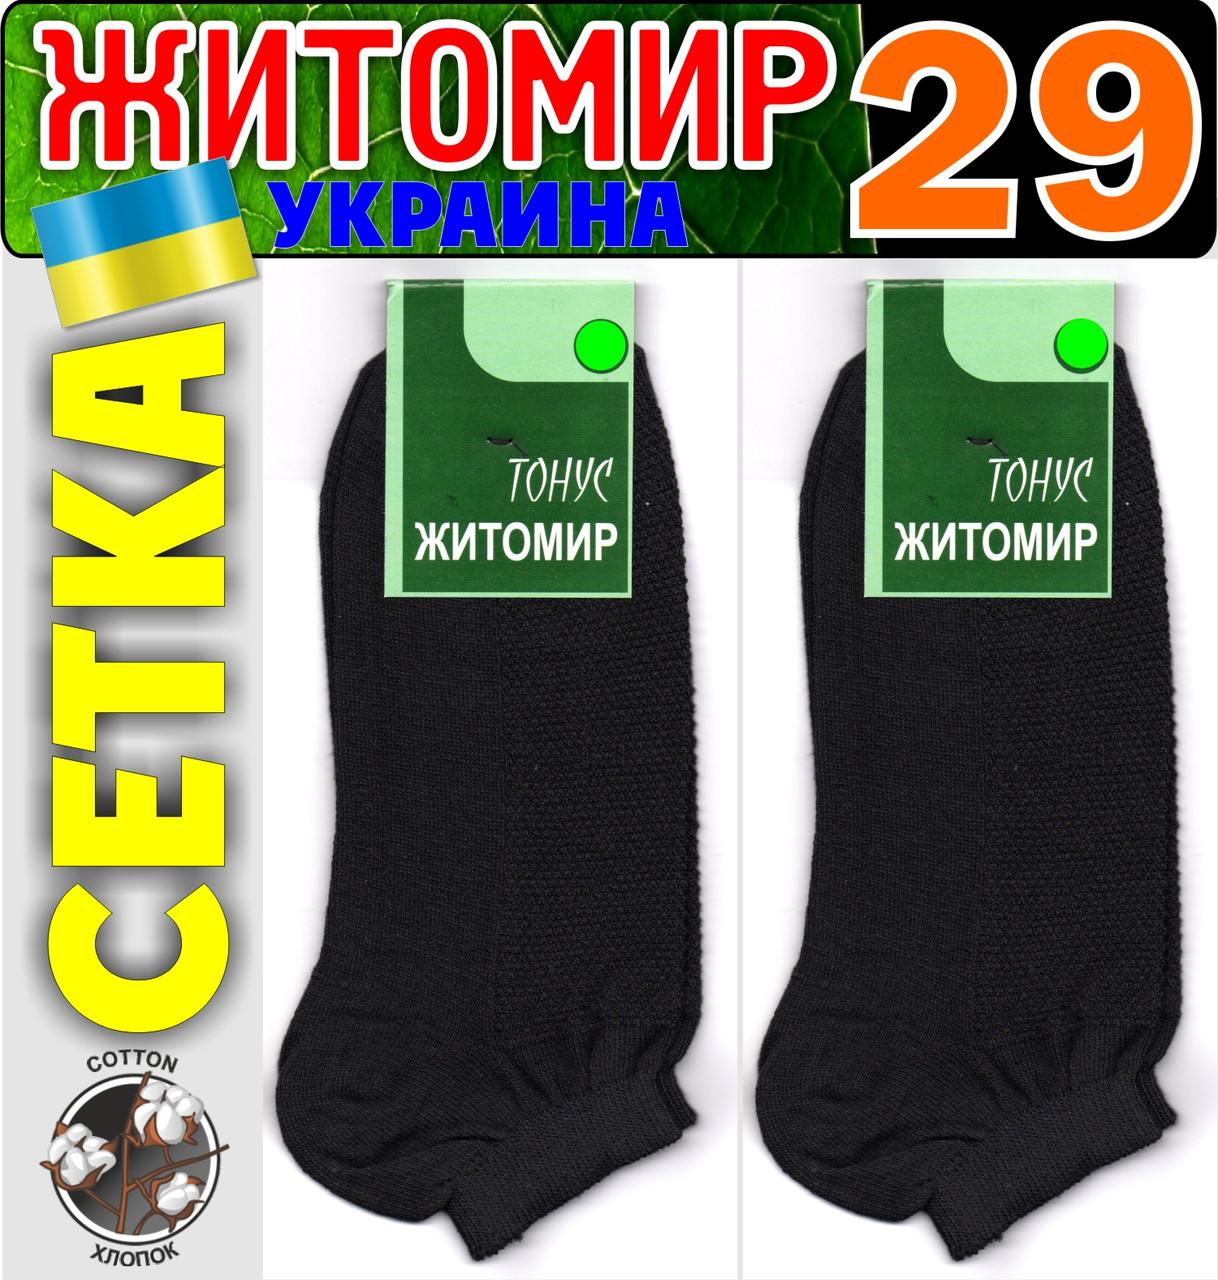 Носки мужские СЕТКА х/б Тонус   г. Житомир  29р (43-44р) чёрные  НМЛ-06297